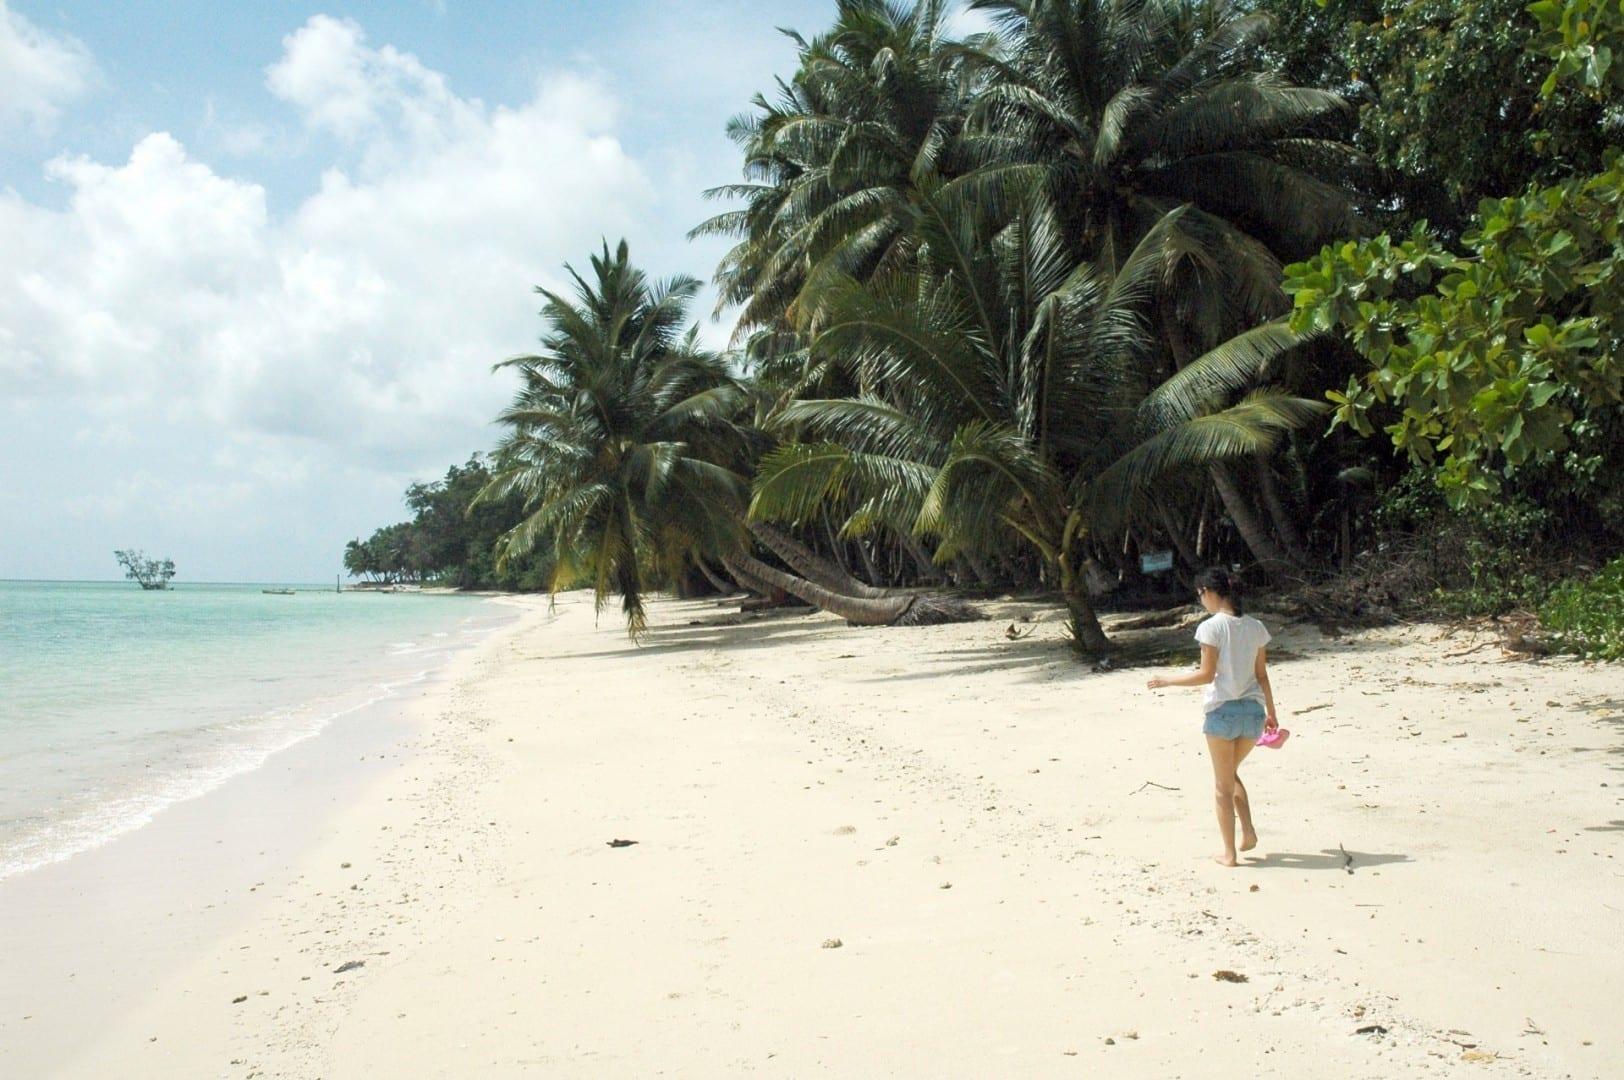 Caminando en la playa #5 Havelock India